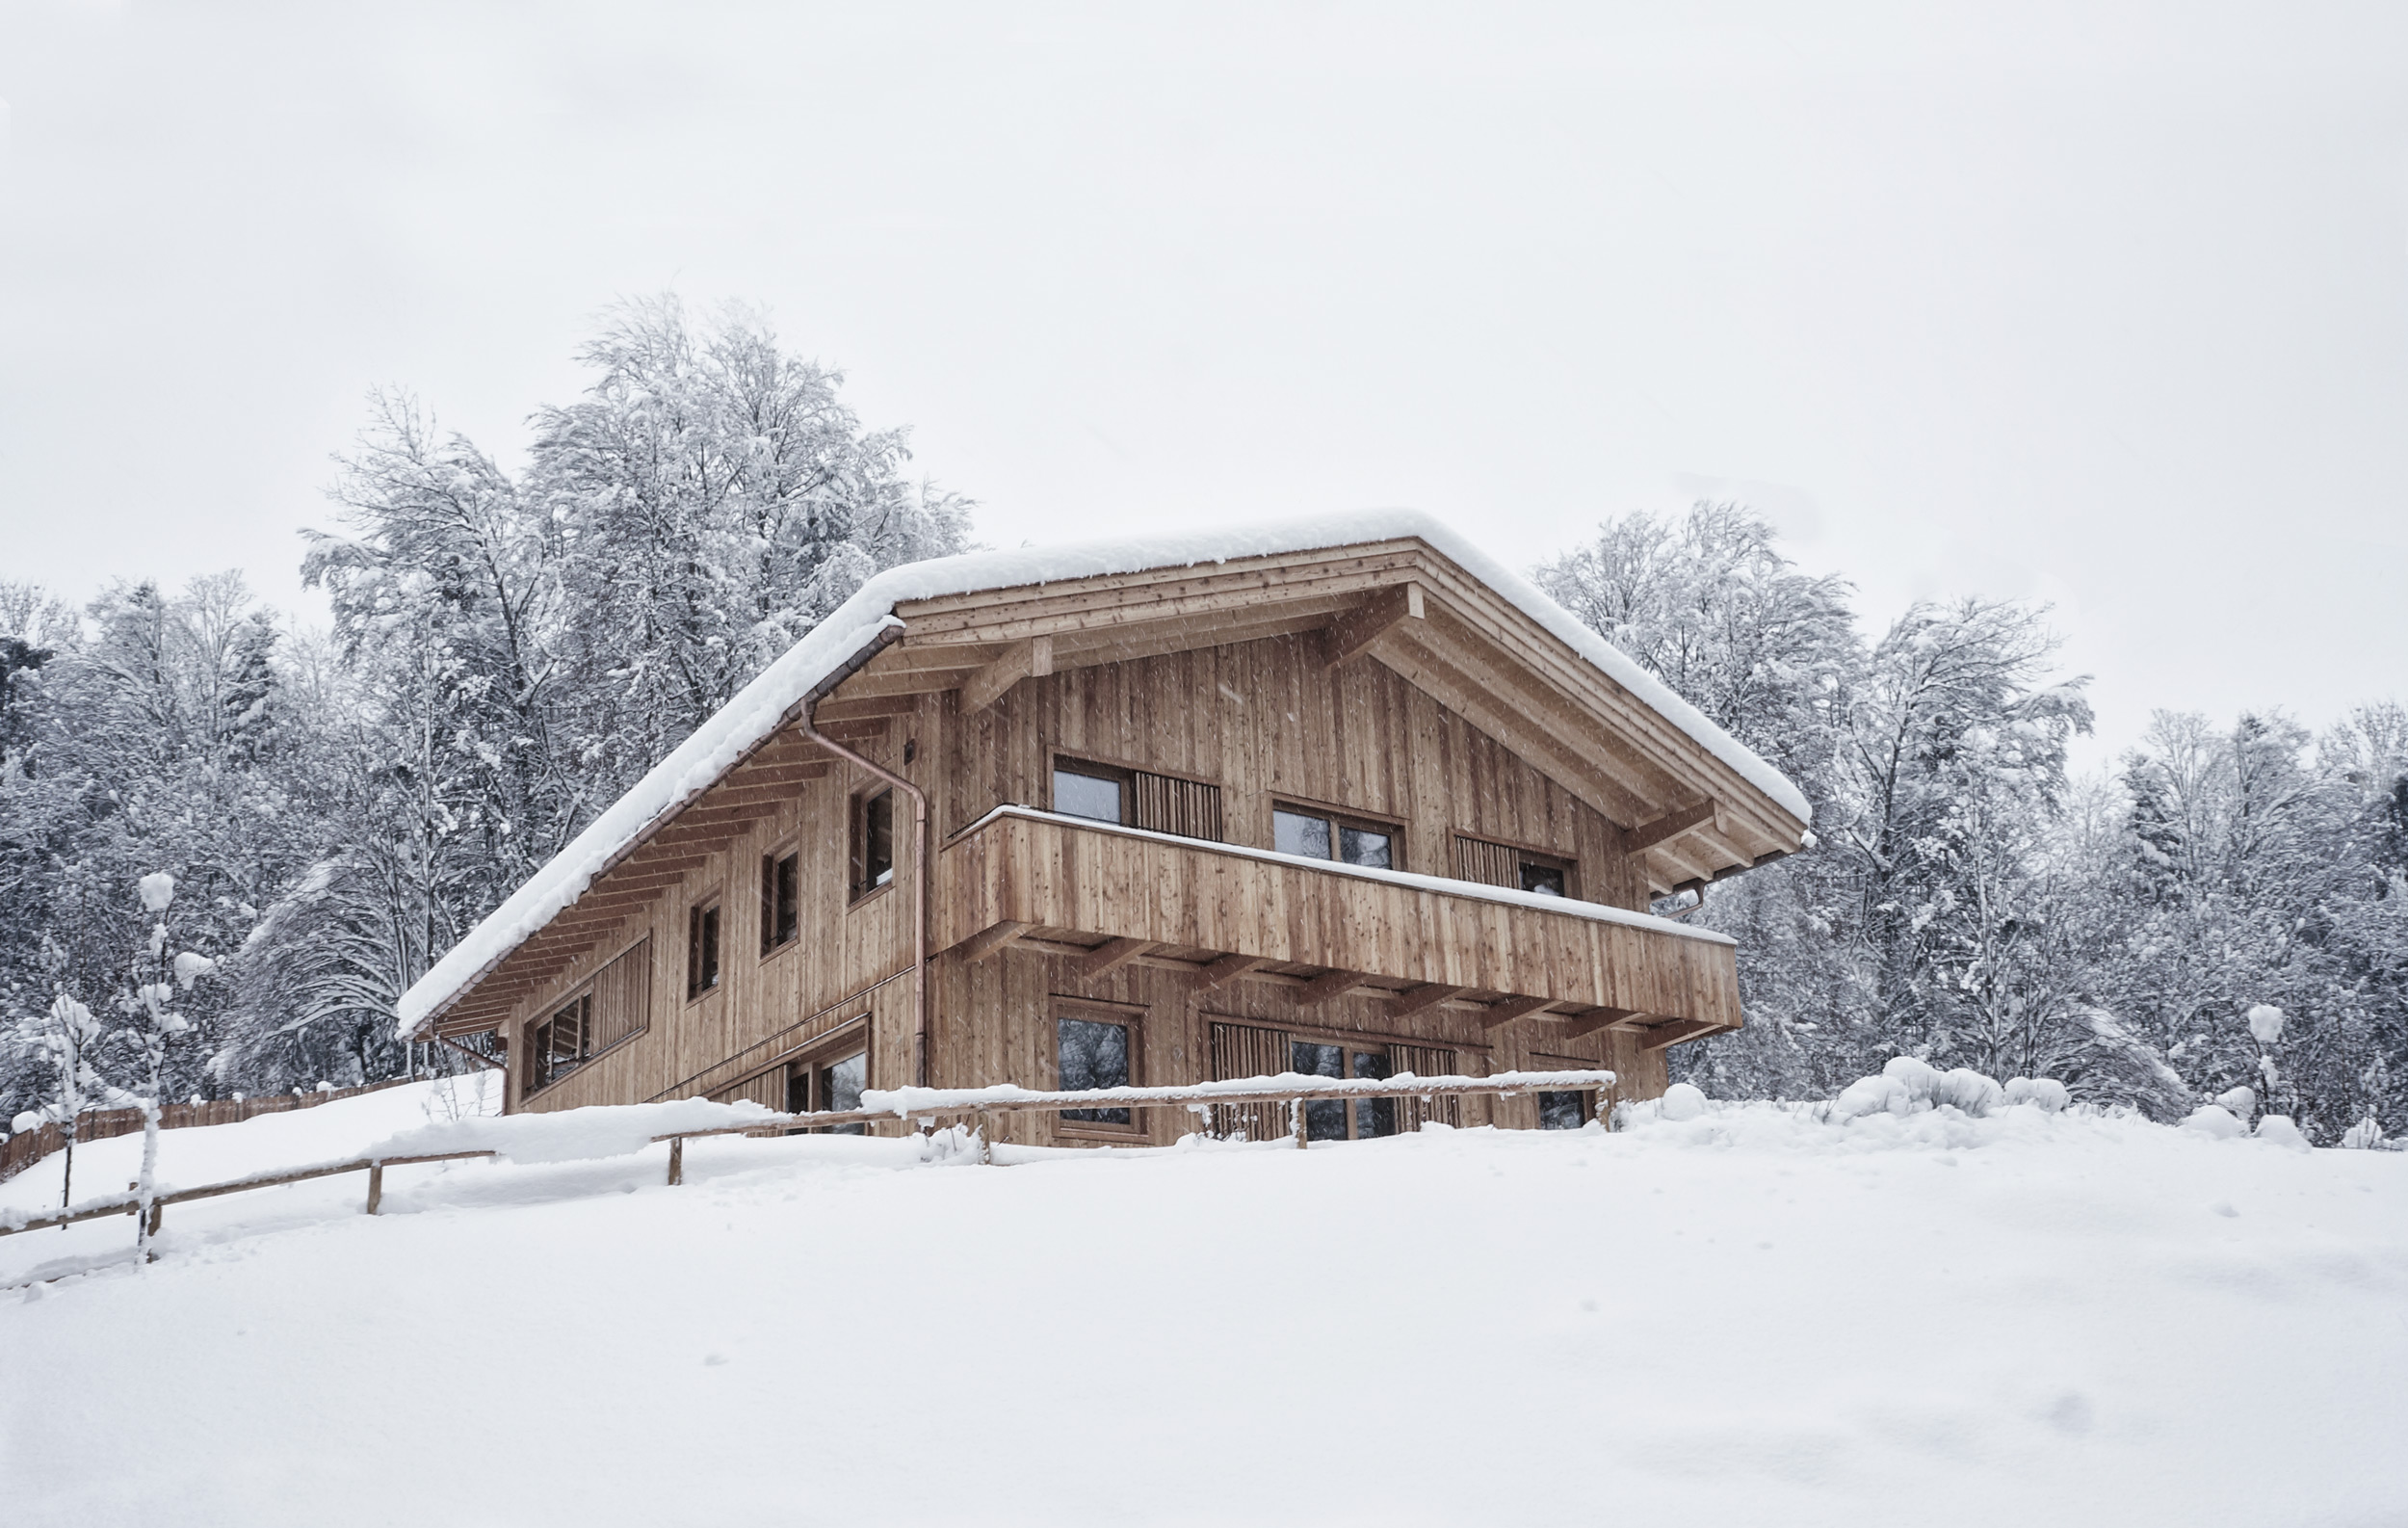 zimmerei-stoib-holzbau-schlüsselfertig-modern-fenster-schiebelaeden-holzarchitektur-lärchenfassade-glasfront-giebel-warngau-tegernsee-10.2k.jpg